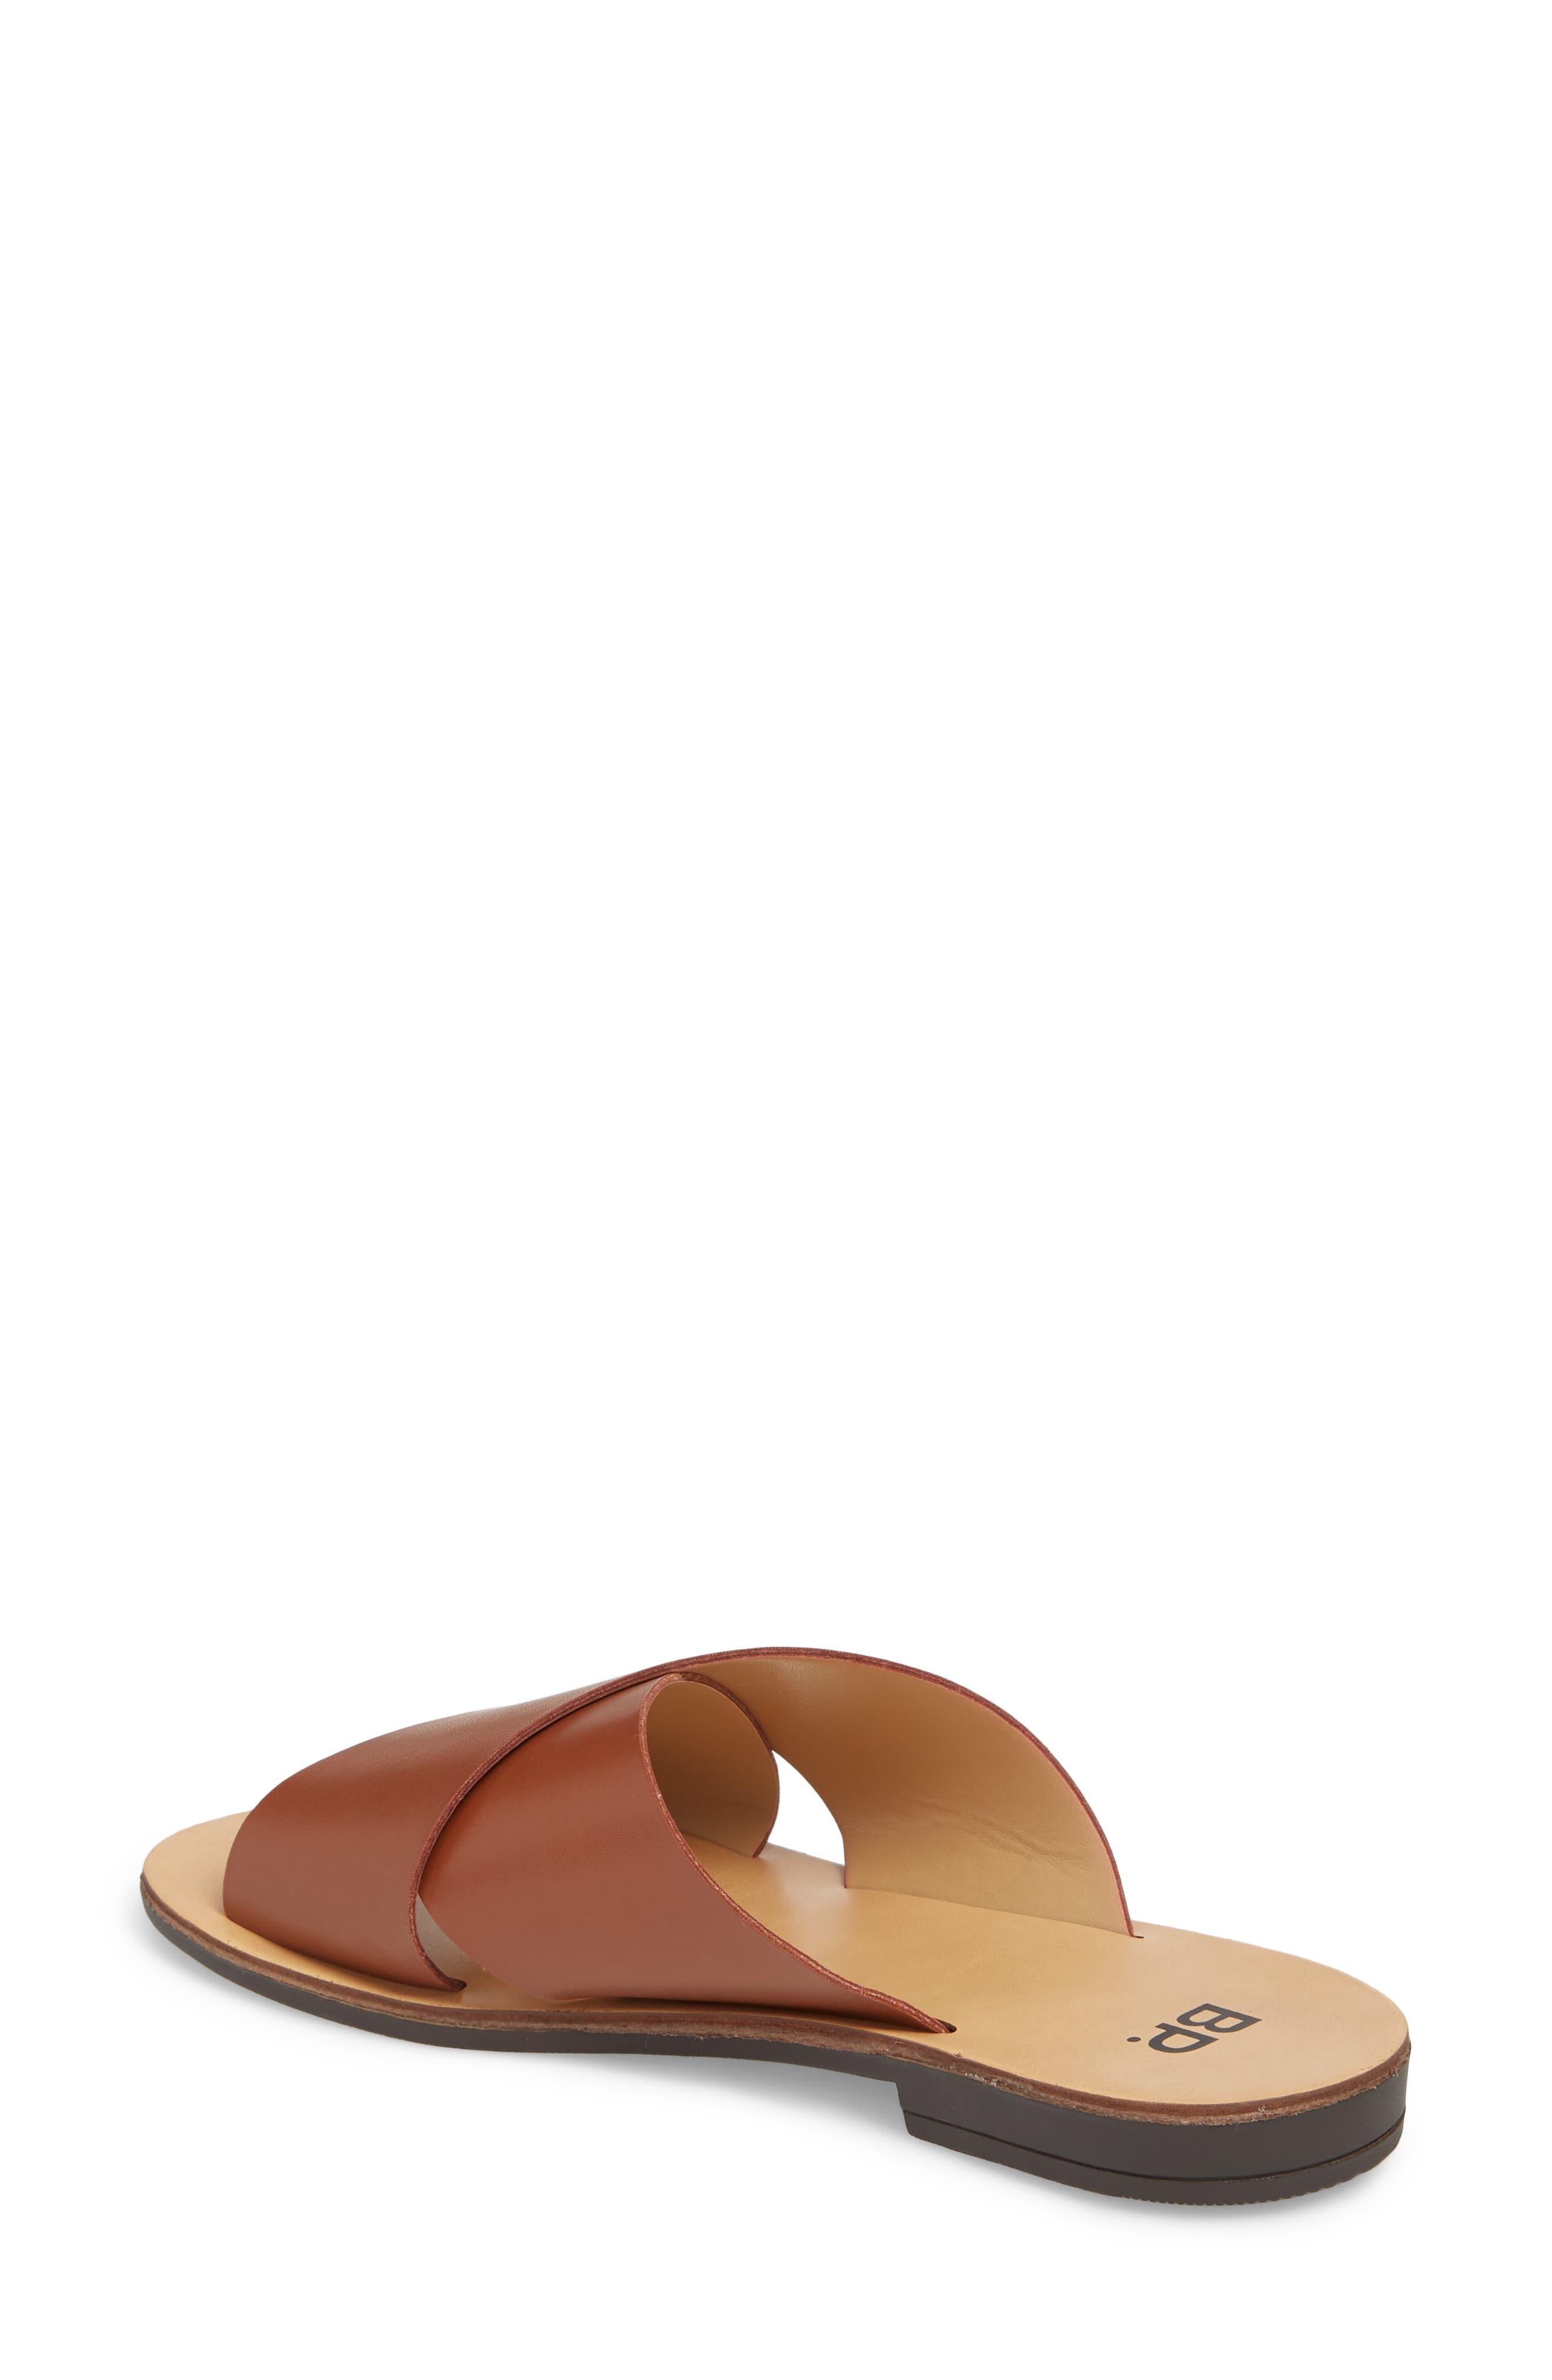 Twist Cross Strap Sandal,                             Alternate thumbnail 2, color,                             Cognac Faux Leather